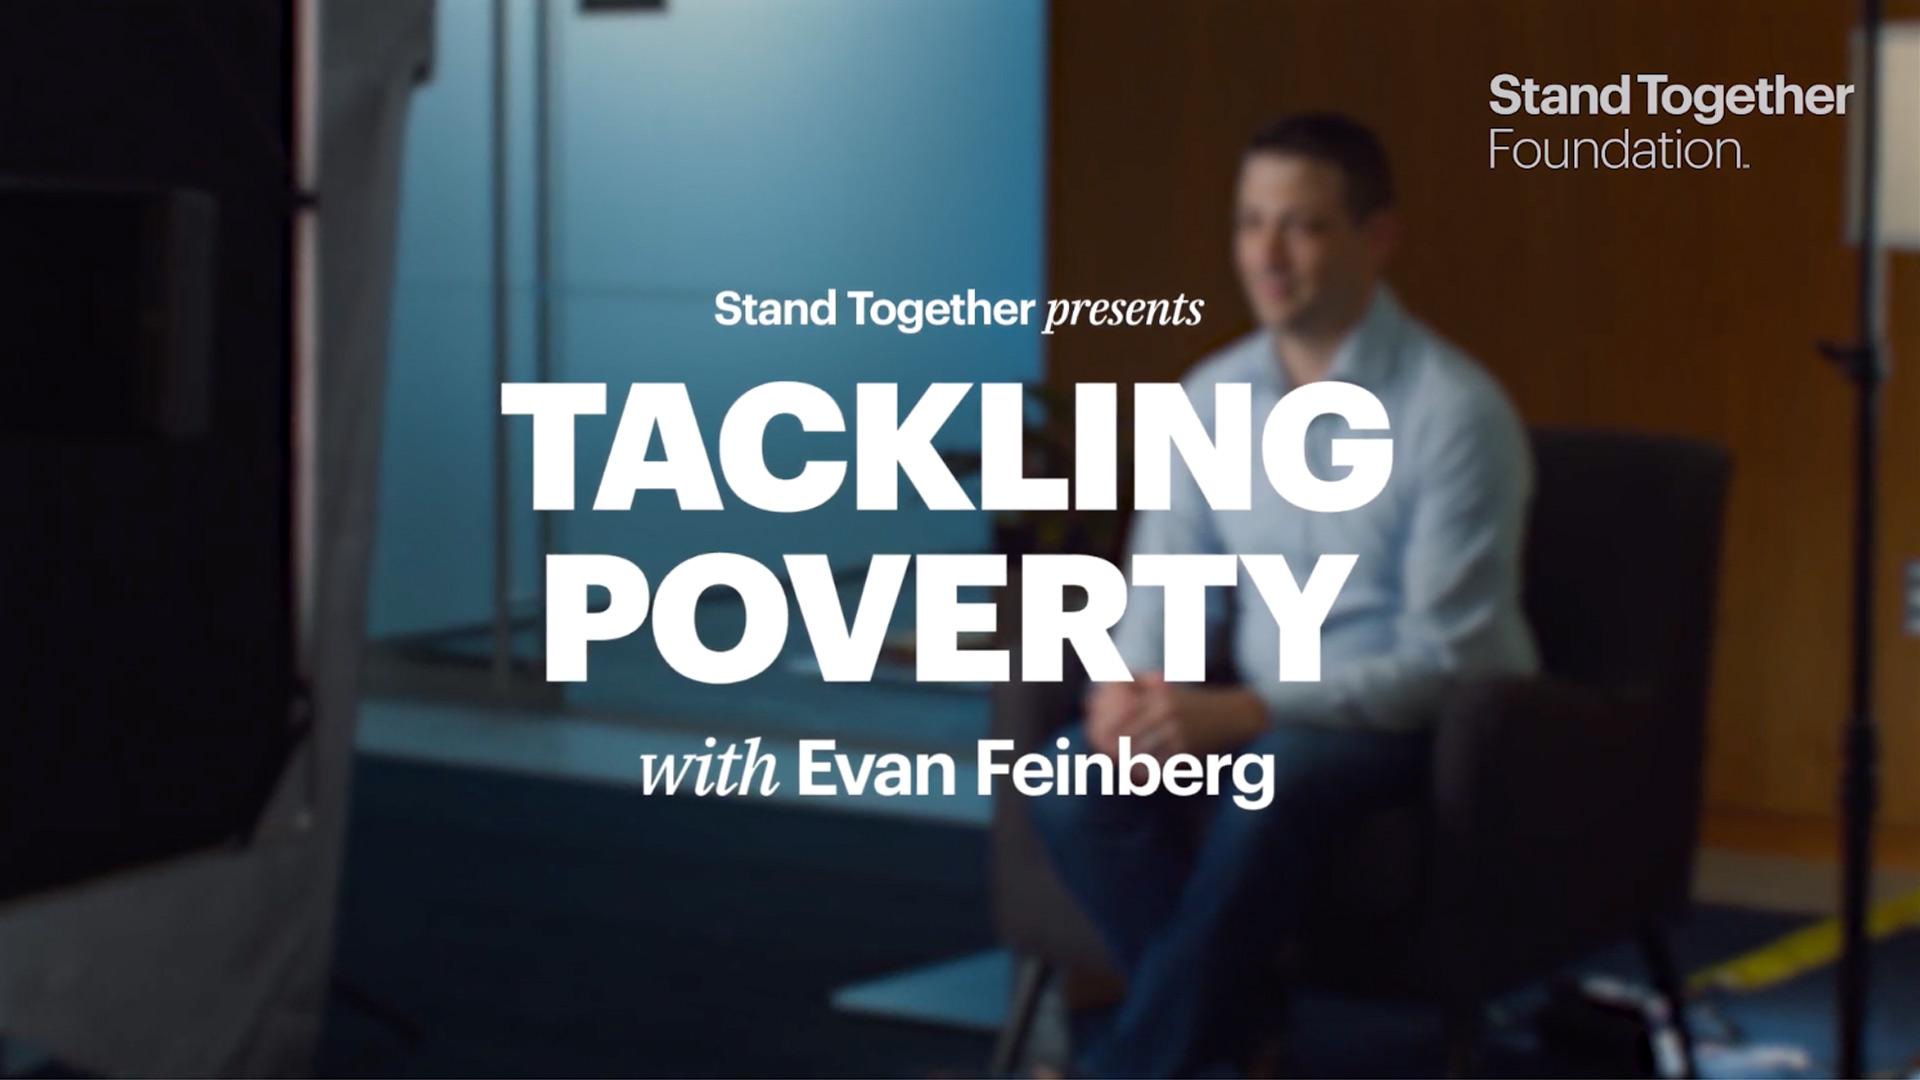 Evan Feinberg